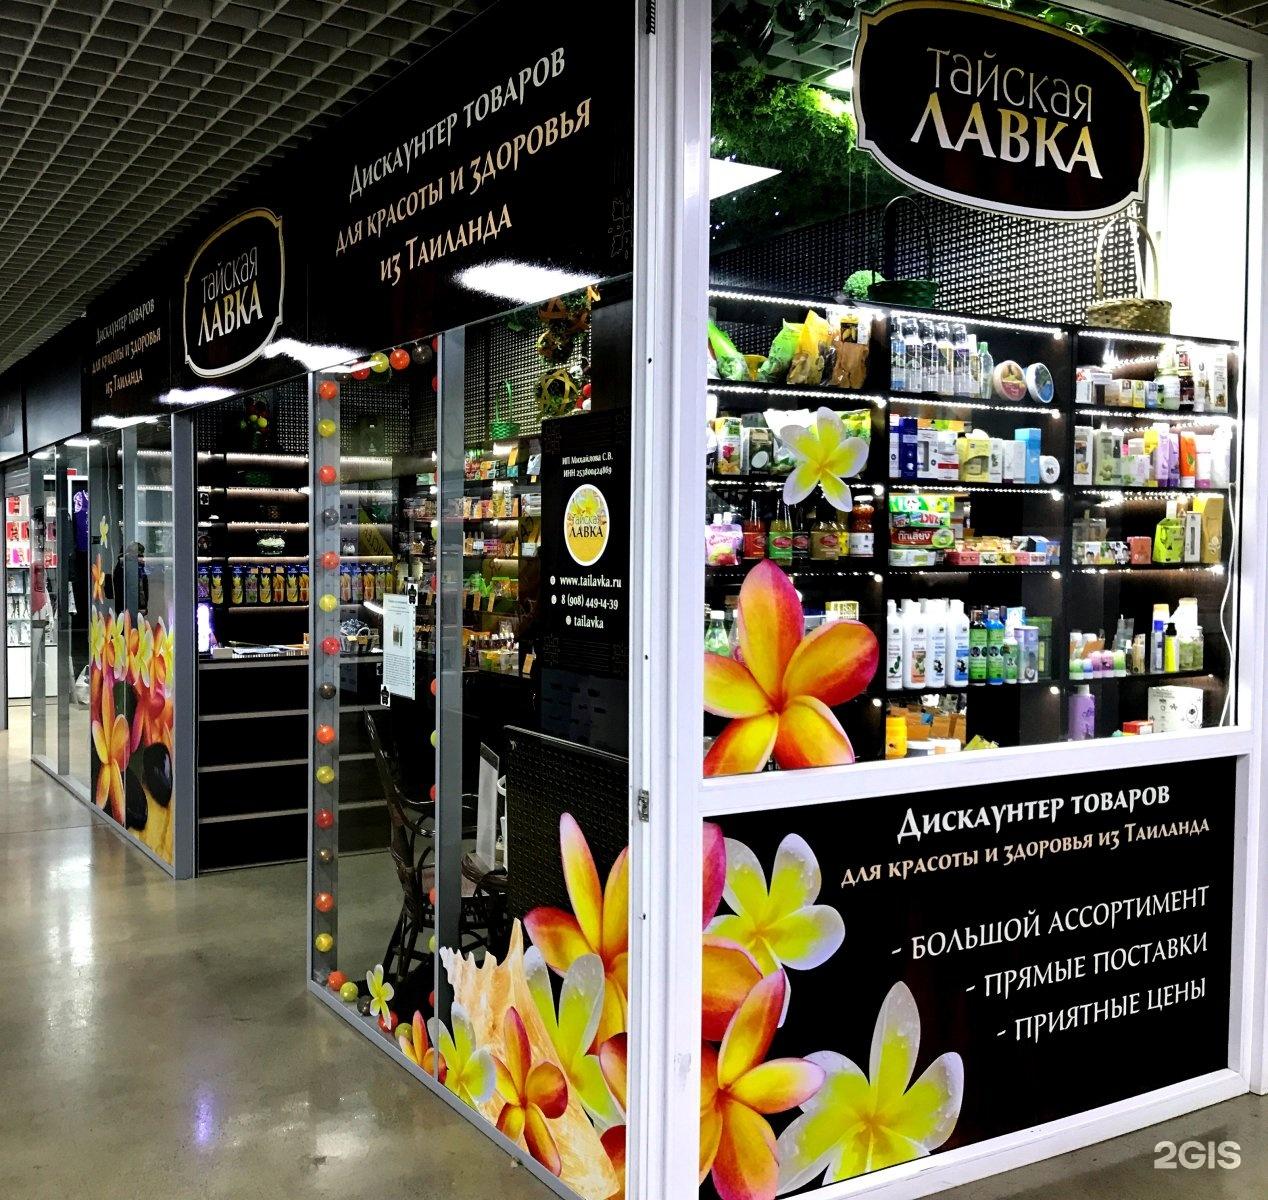 Владивосток купить тайскую косметику в купить мужские наборы косметики